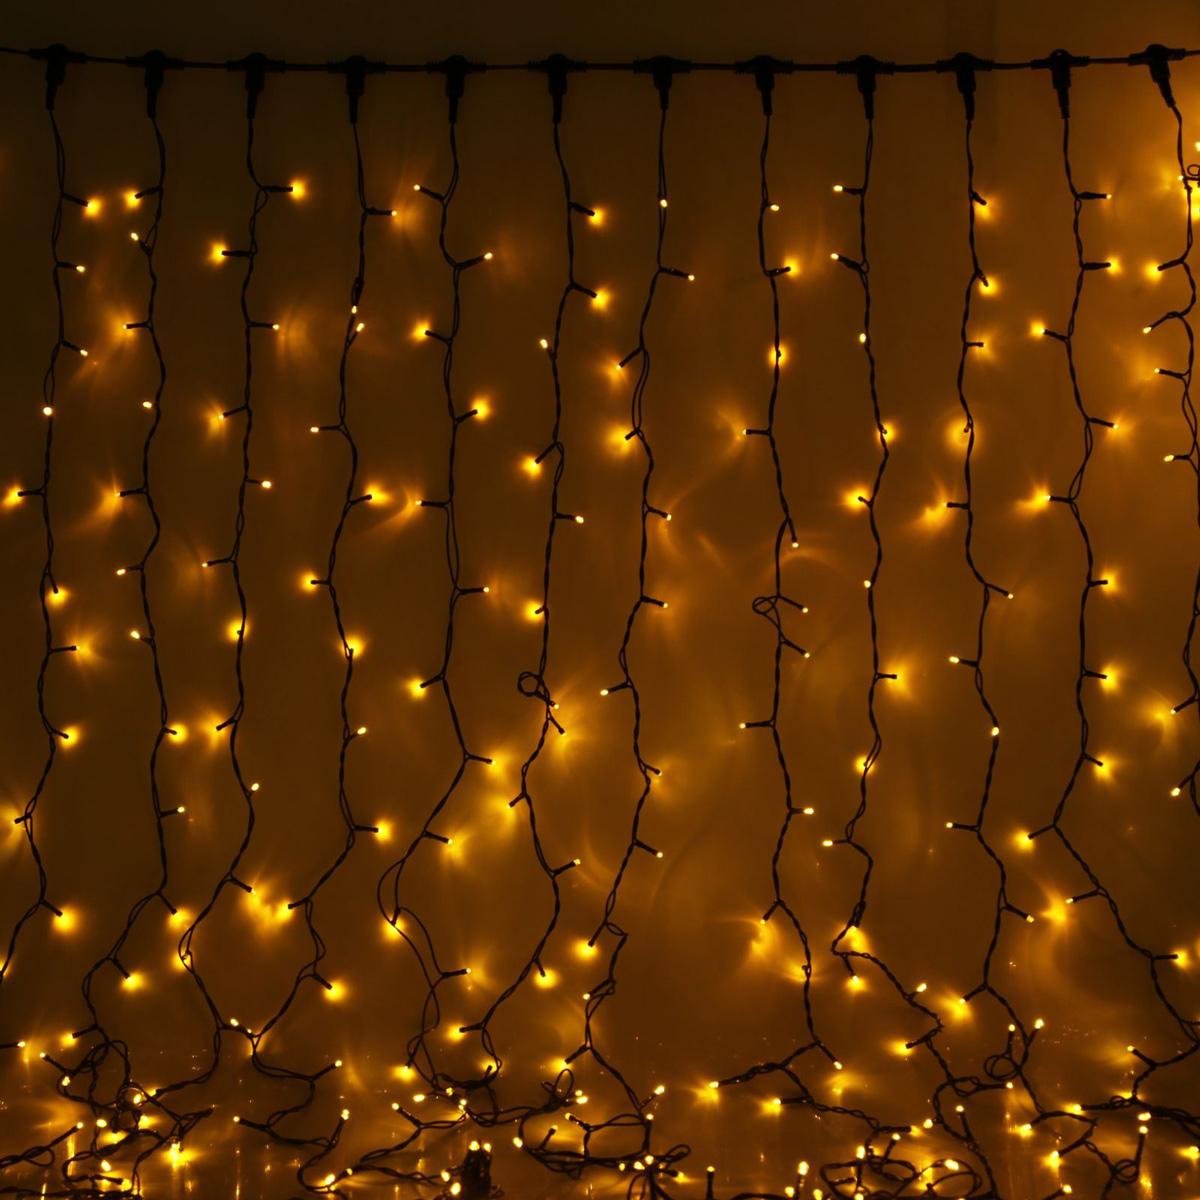 Гирлянда светодиодная Luazon Занавес, цвет: желтый, уличная, 1440 ламп, 220 V, 2 х 6 м. 10802931080293Светодиодные гирлянды и ленты — это отличный вариант для новогоднего оформления интерьера или фасада. С их помощью помещение любого размера можно превратить в праздничный зал, а внешние элементы зданий, украшенные ими, мгновенно станут напоминать очертания сказочного дворца. Такие украшения создают ауру предвкушения чуда. Деревья, фасады, витрины, окна и арки будто специально созданы, чтобы вы украсили их светящимися нитями.